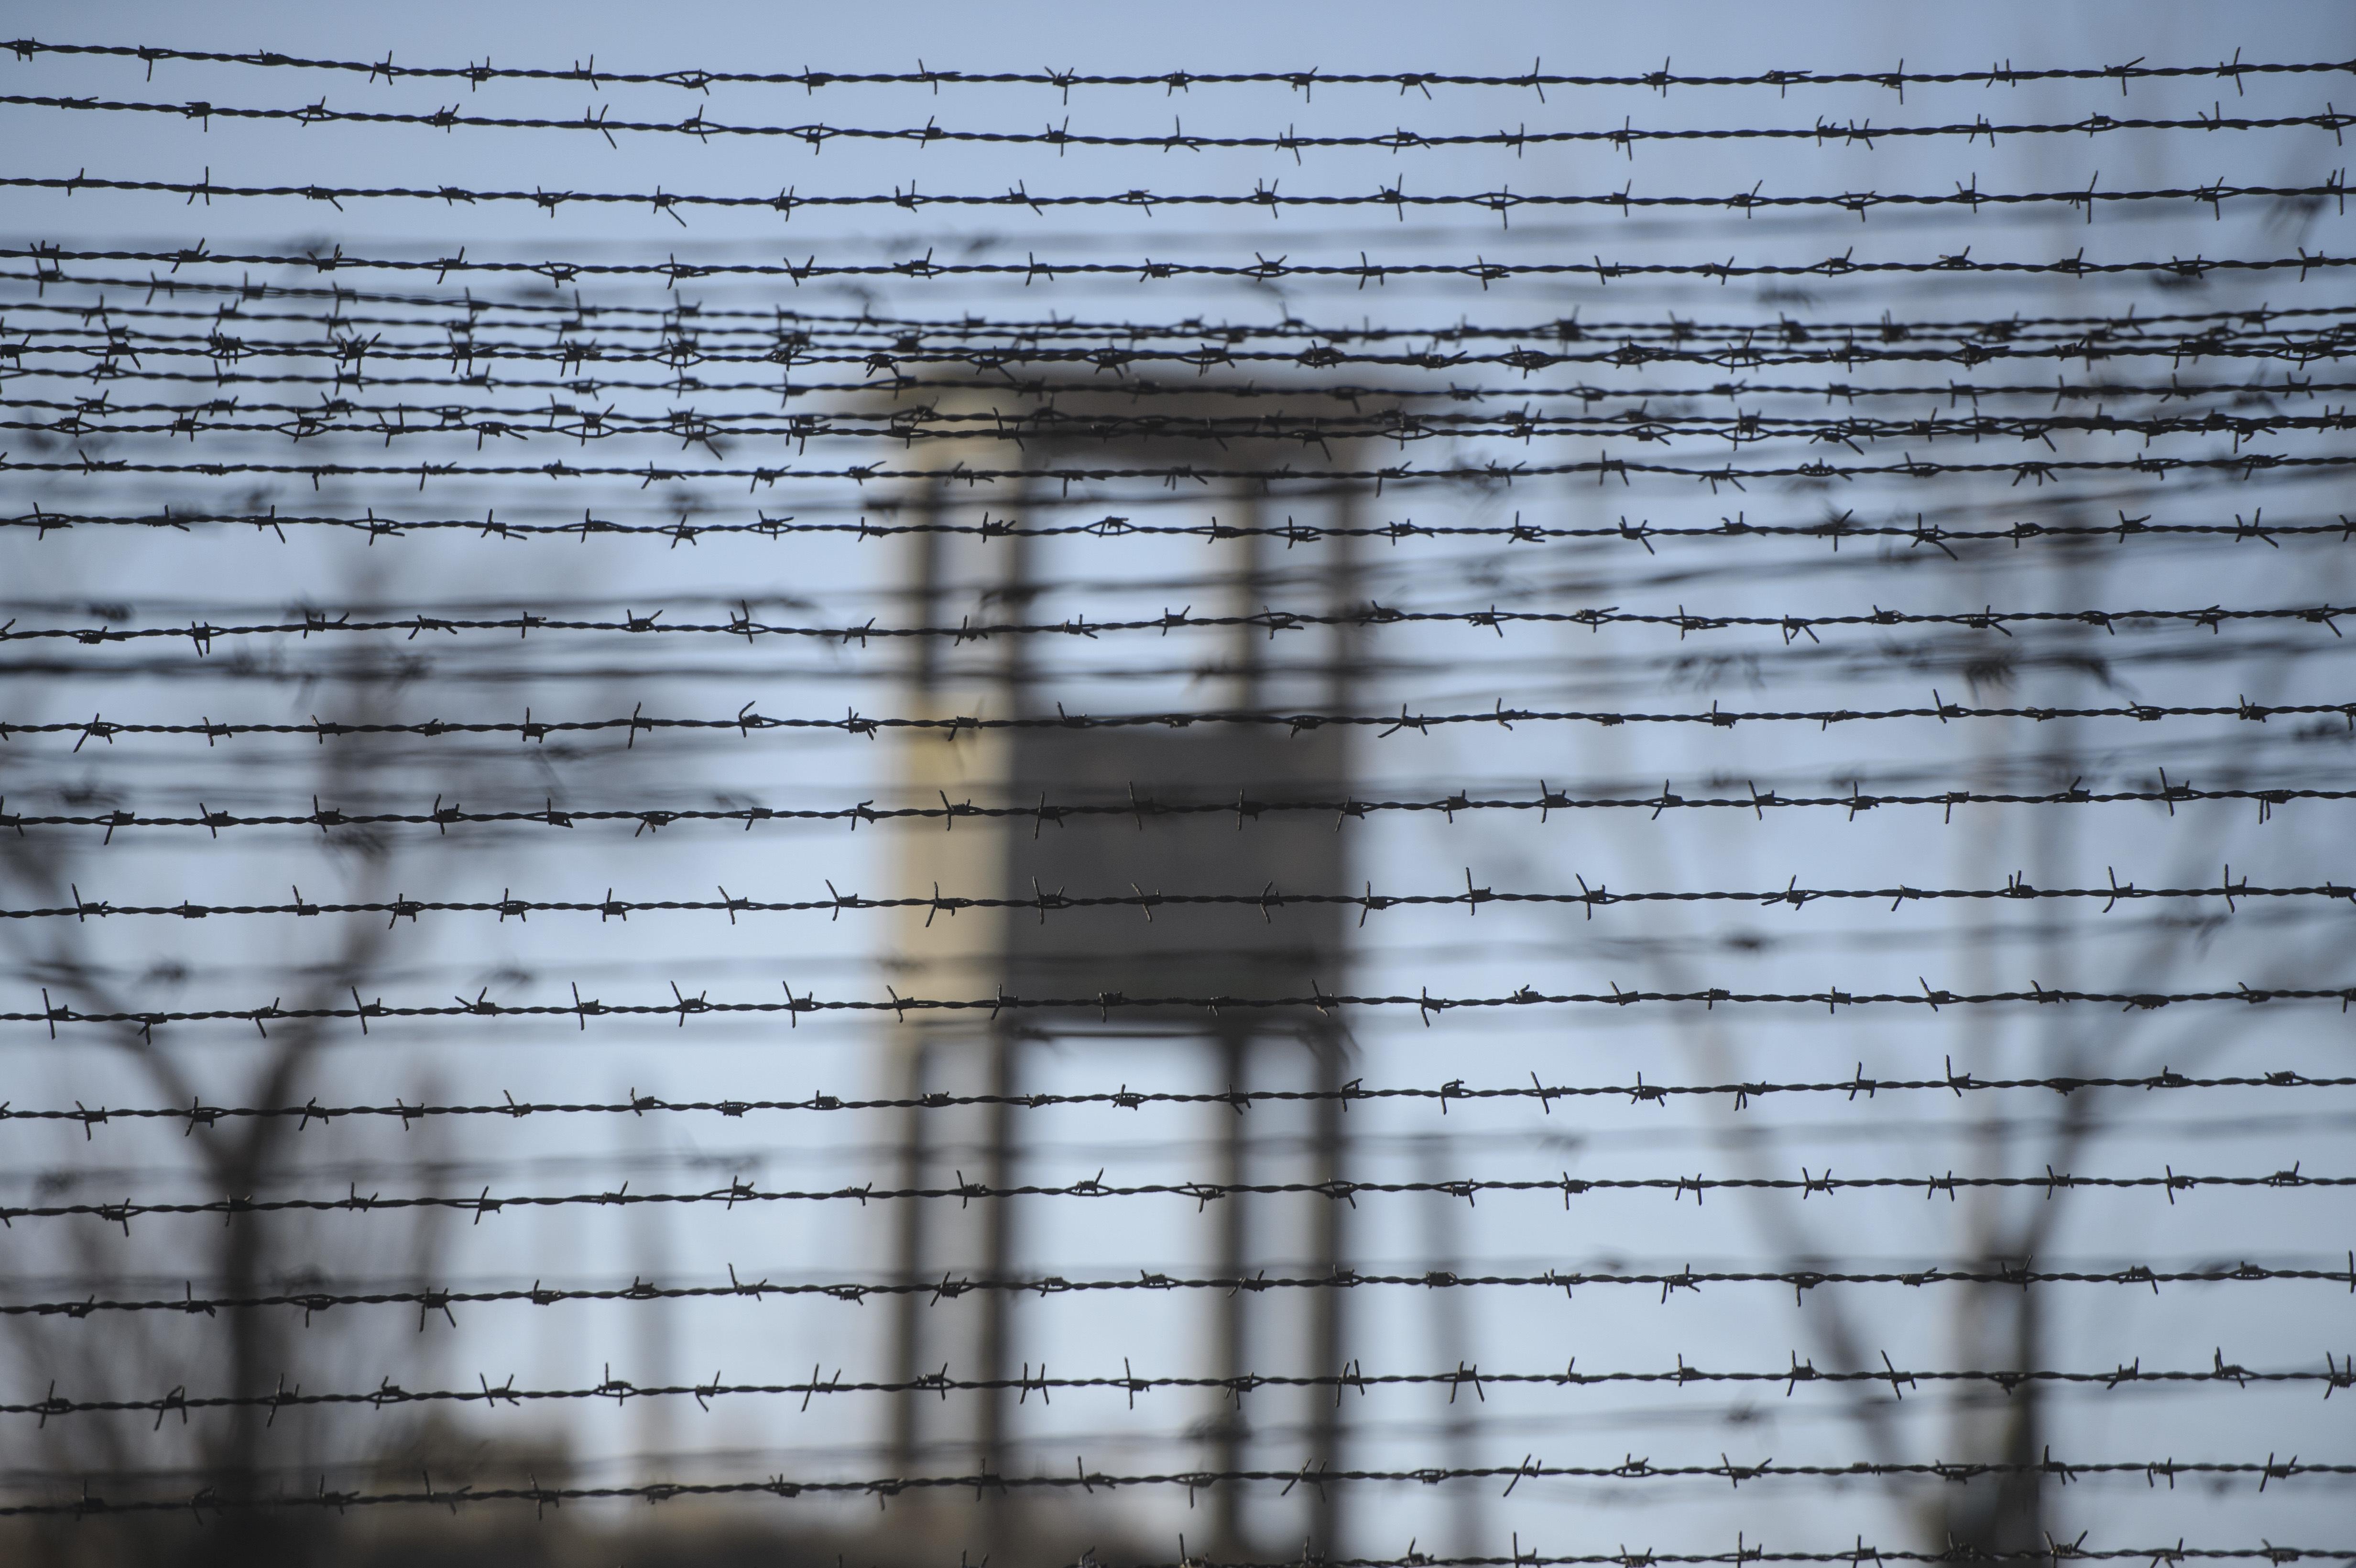 DIZGRAŢIAŢII Dezvăluiri din Spitalul Penitenciar Jilava unde, în fiecare an, peste 5.000 de oameni lipsiţi de libertate ajung la tratament. Angajaţi care acuză că au luat TBC de la deţinuţi